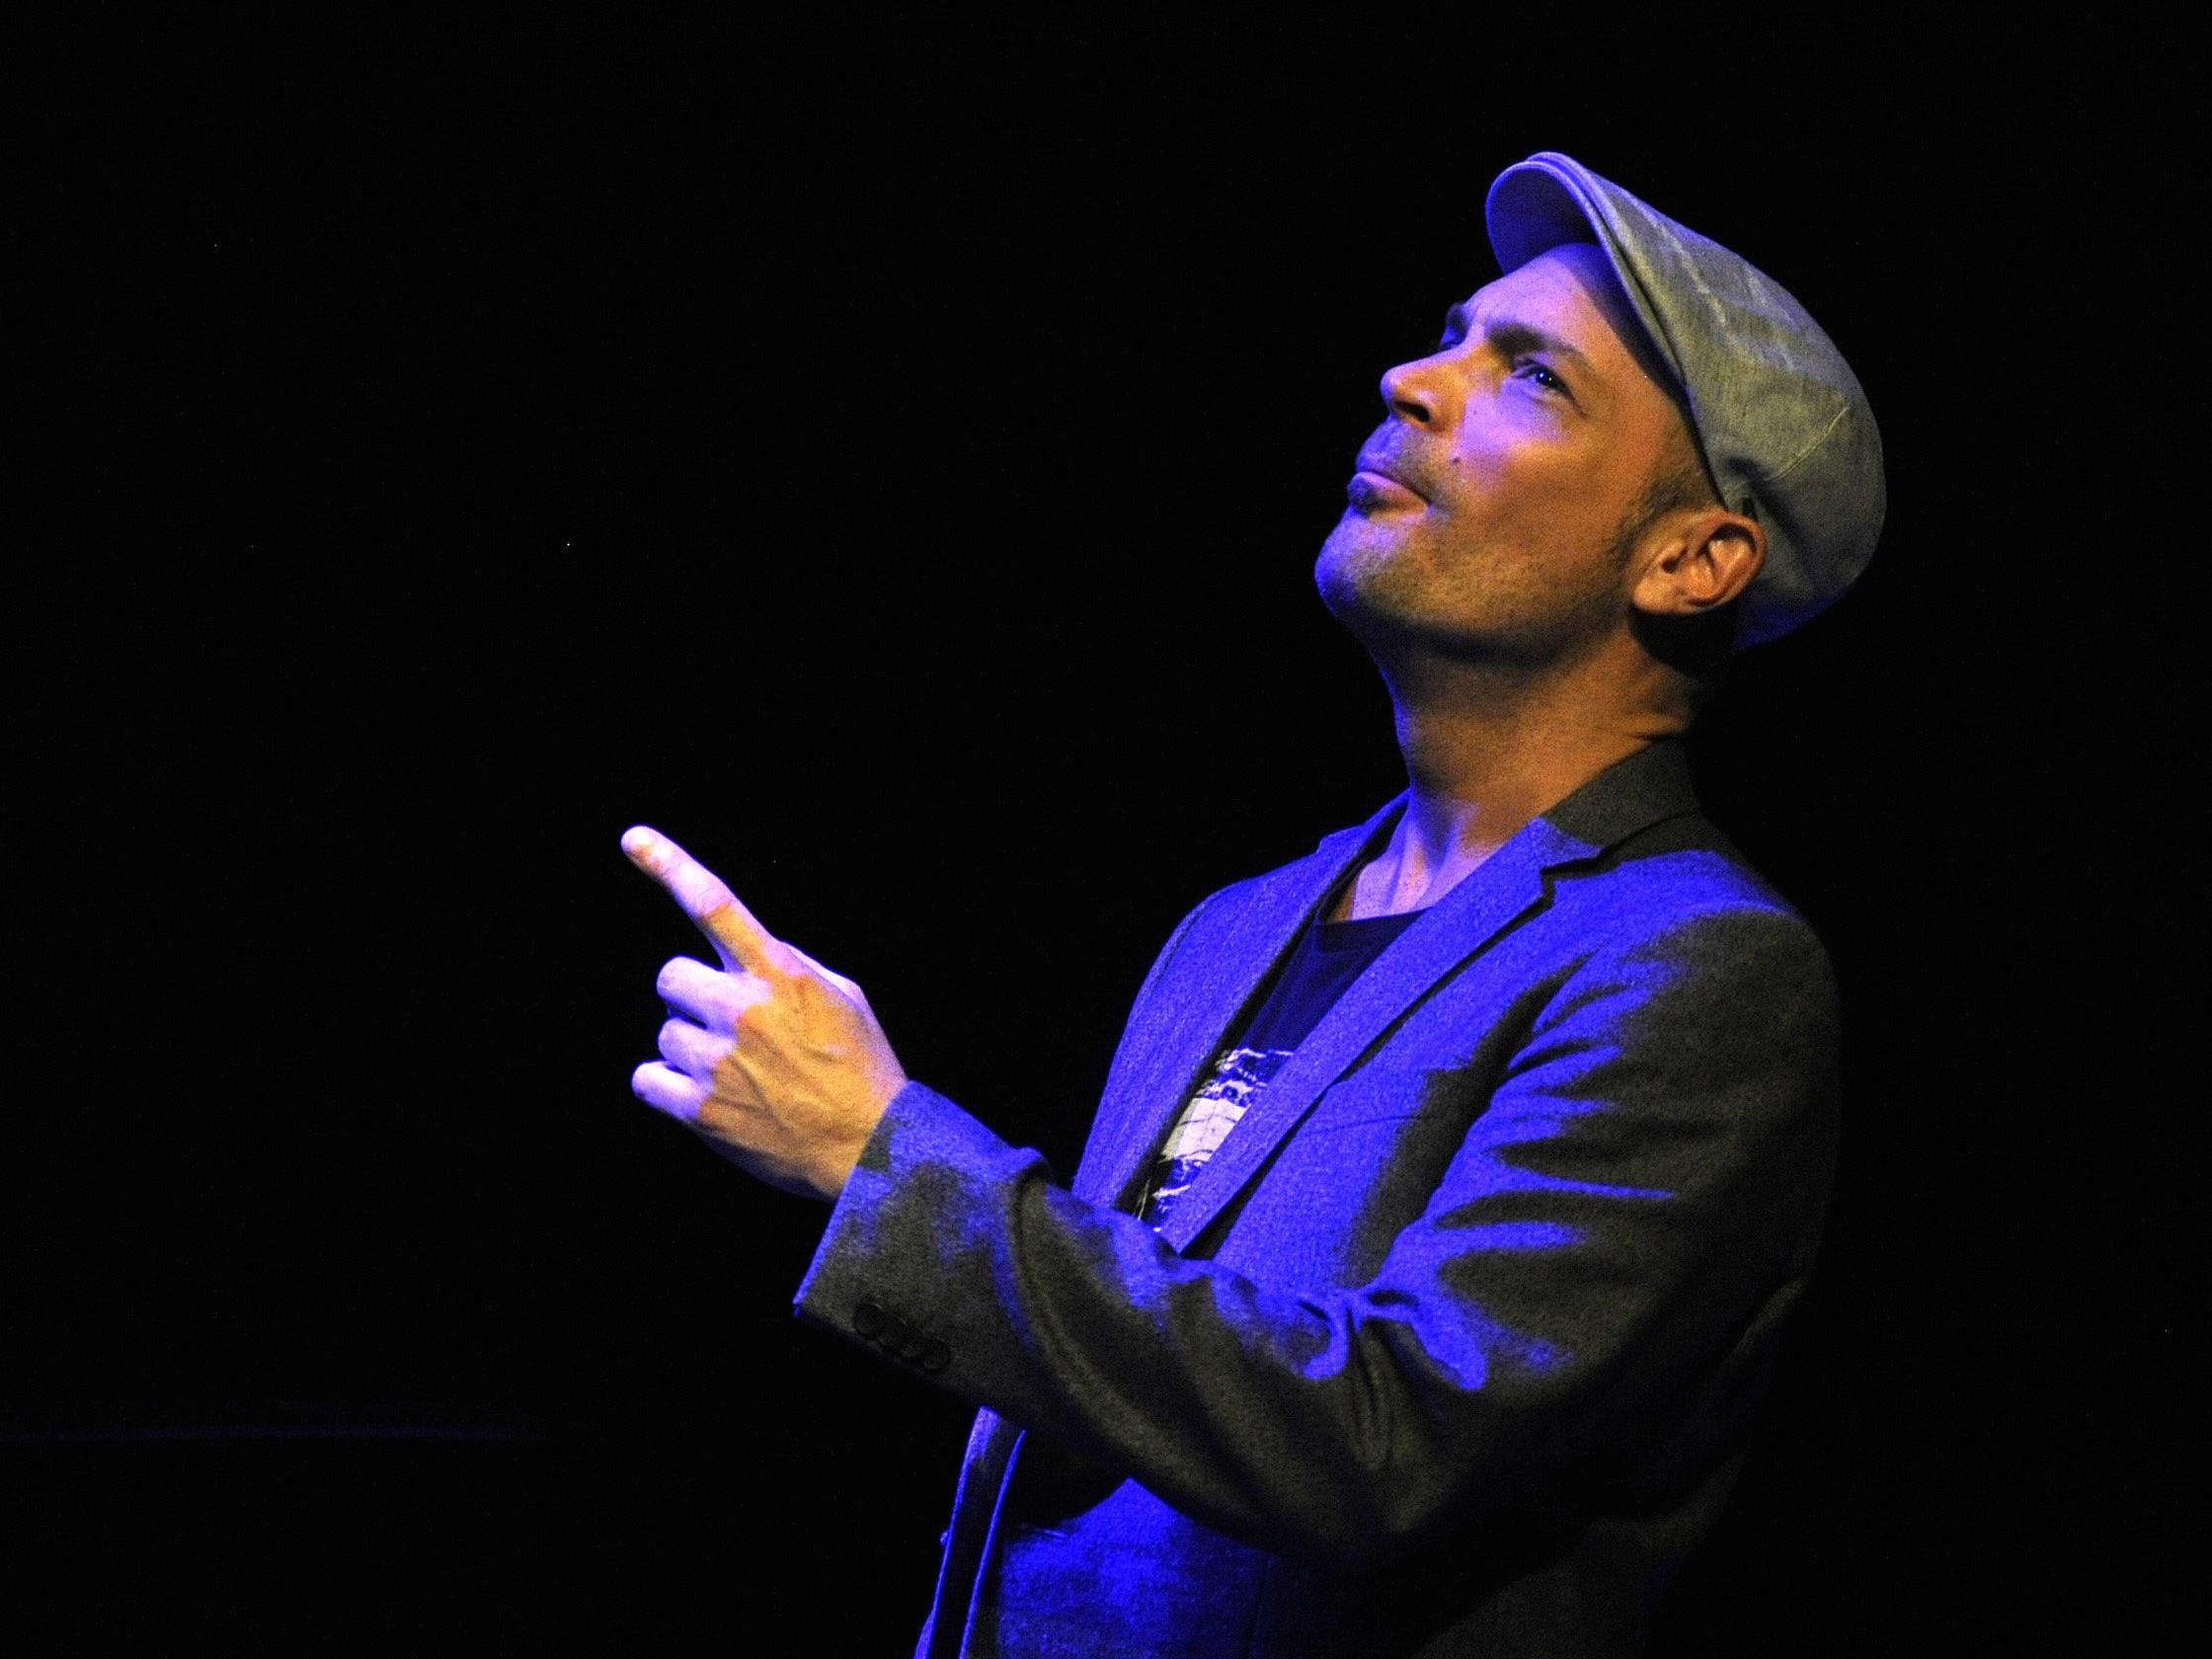 Jazz-Sänger Roger Cicero ist tot. Er wurde nur 45 Jahre alt.